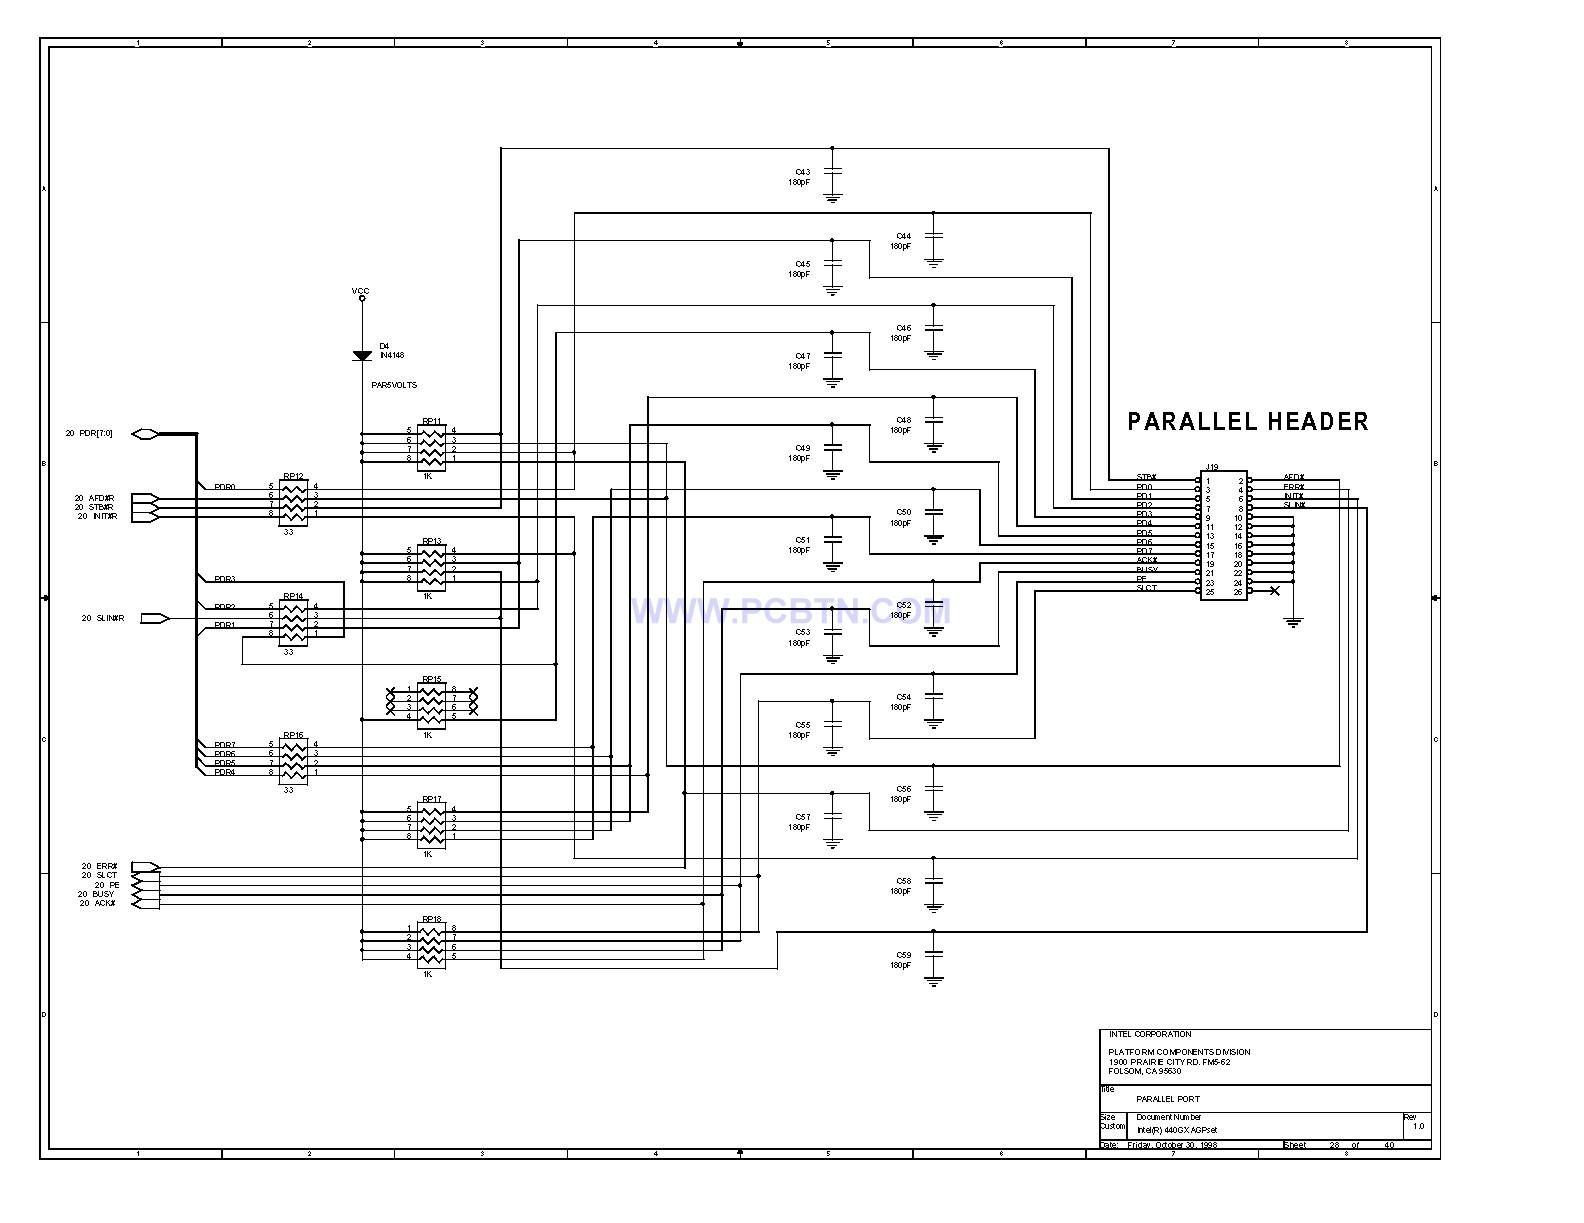 电脑主板设计图440GX[_]28